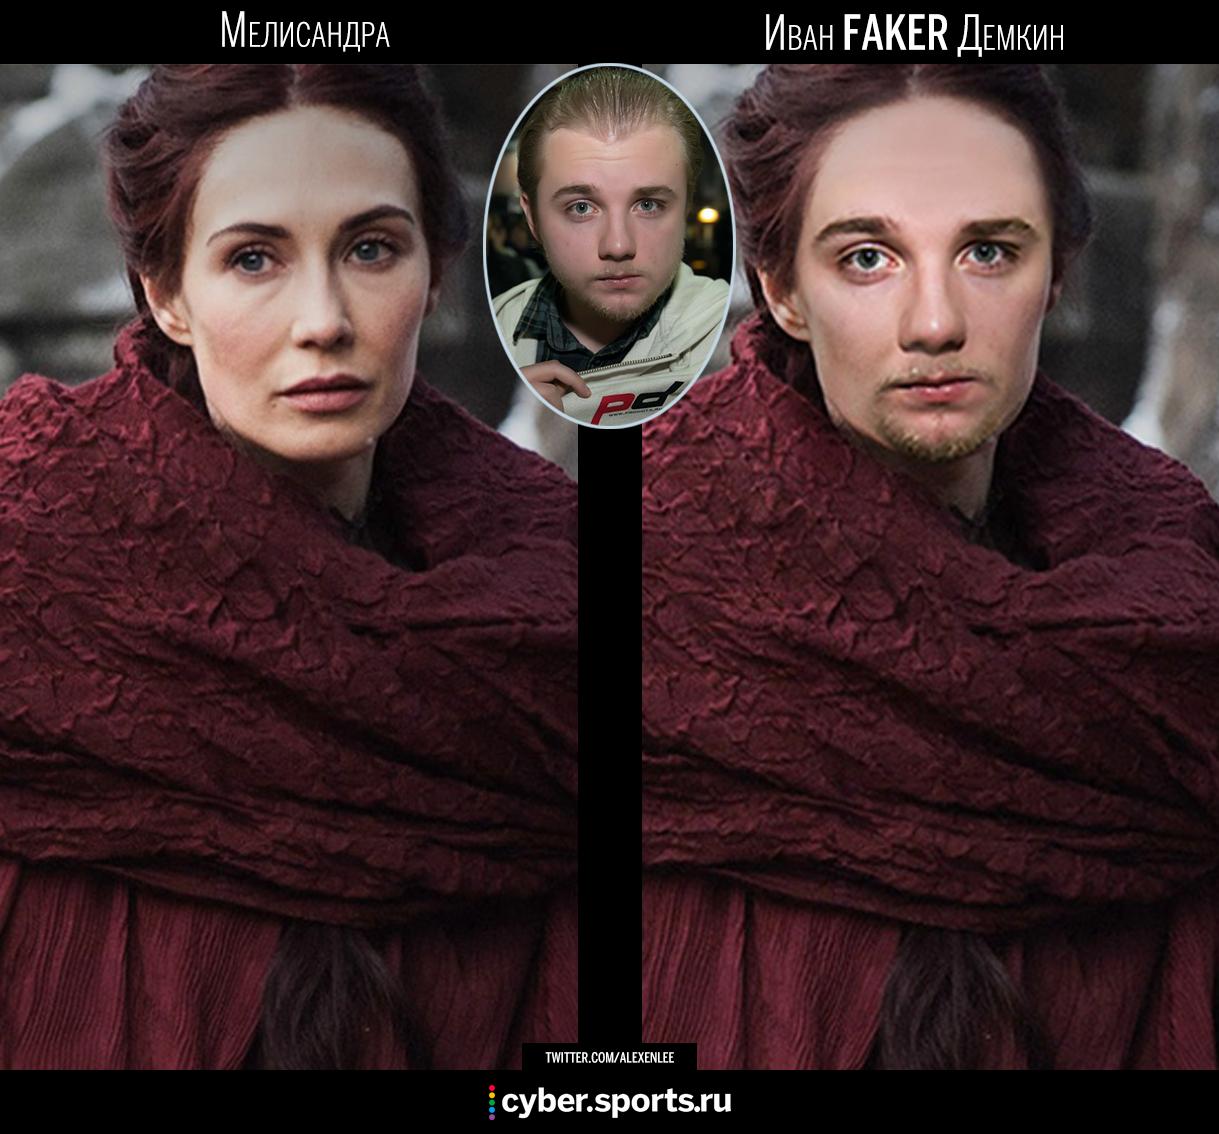 Иван Faker Демкин